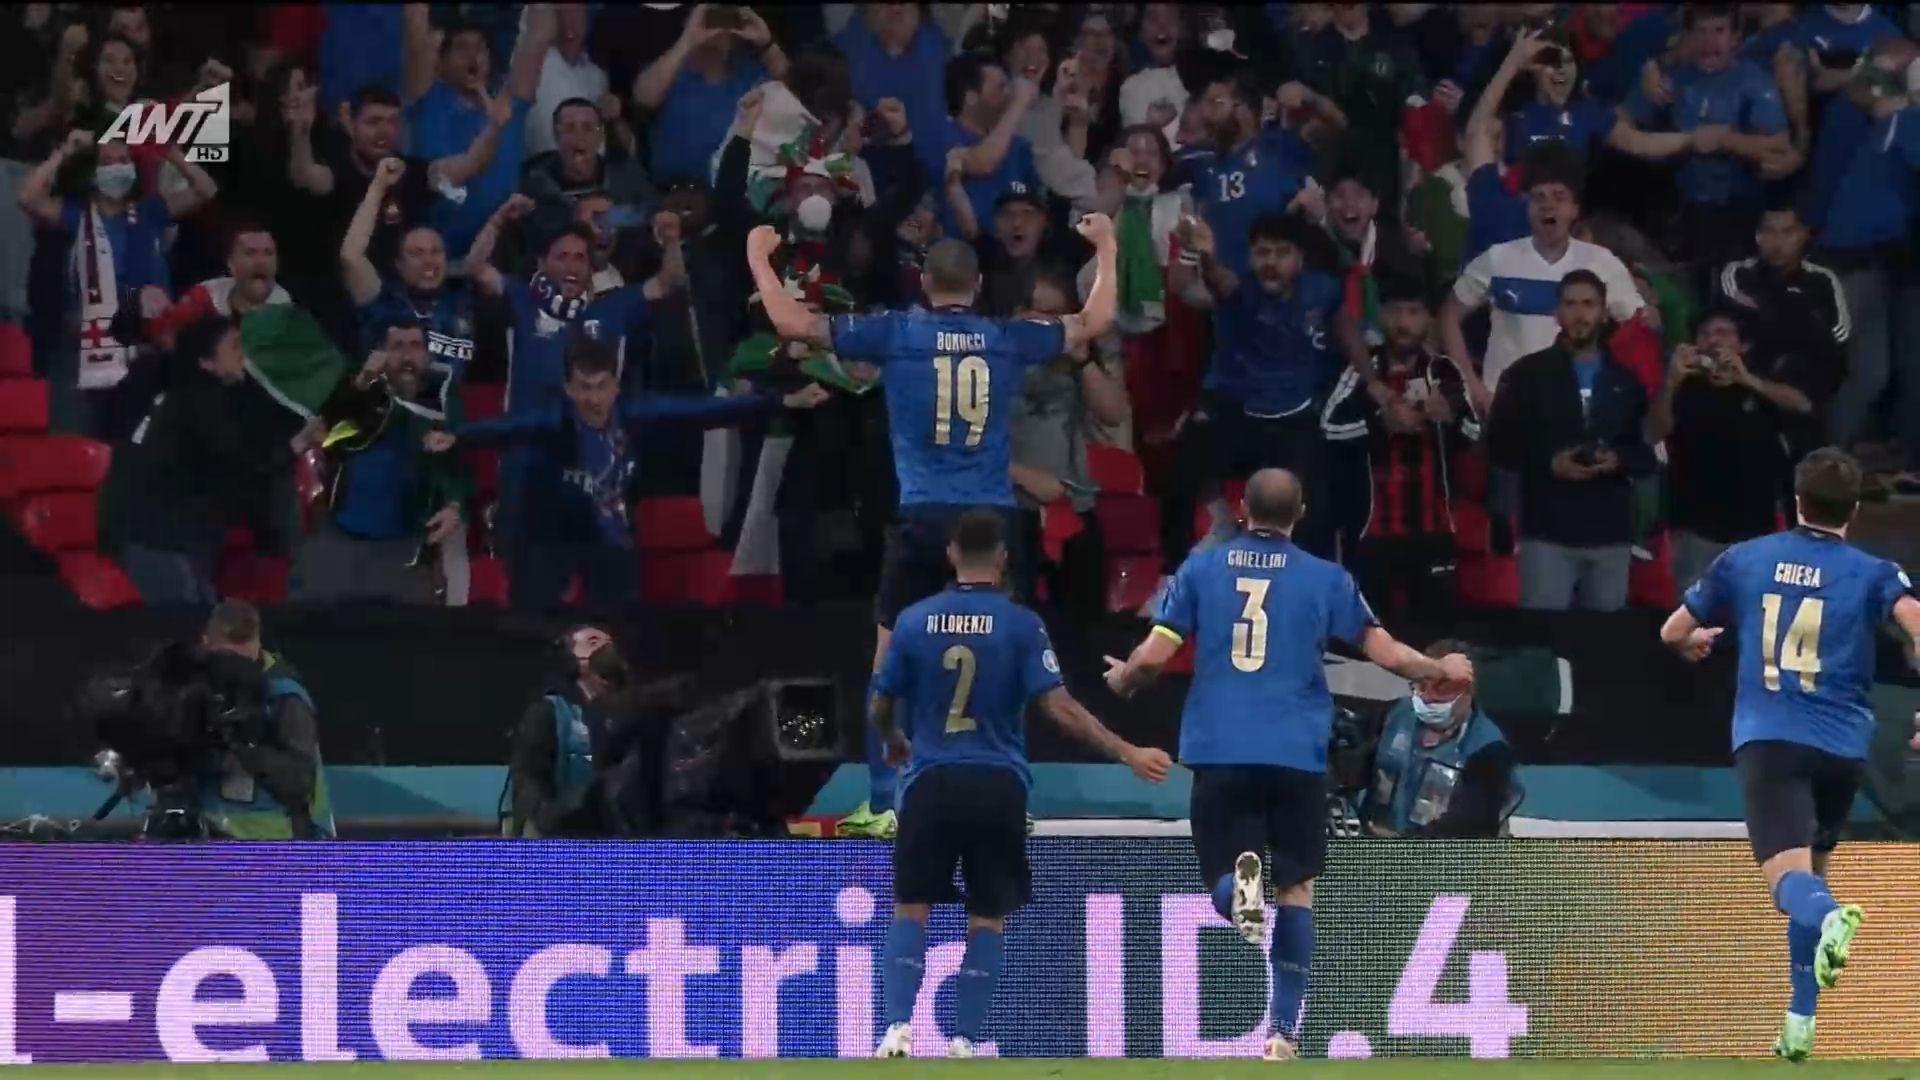 Ιταλία – Αγγλία 1-1 (3-2 πεν.) : Γκολ, hightlights και η διαδικασία των πέναλτι (video)